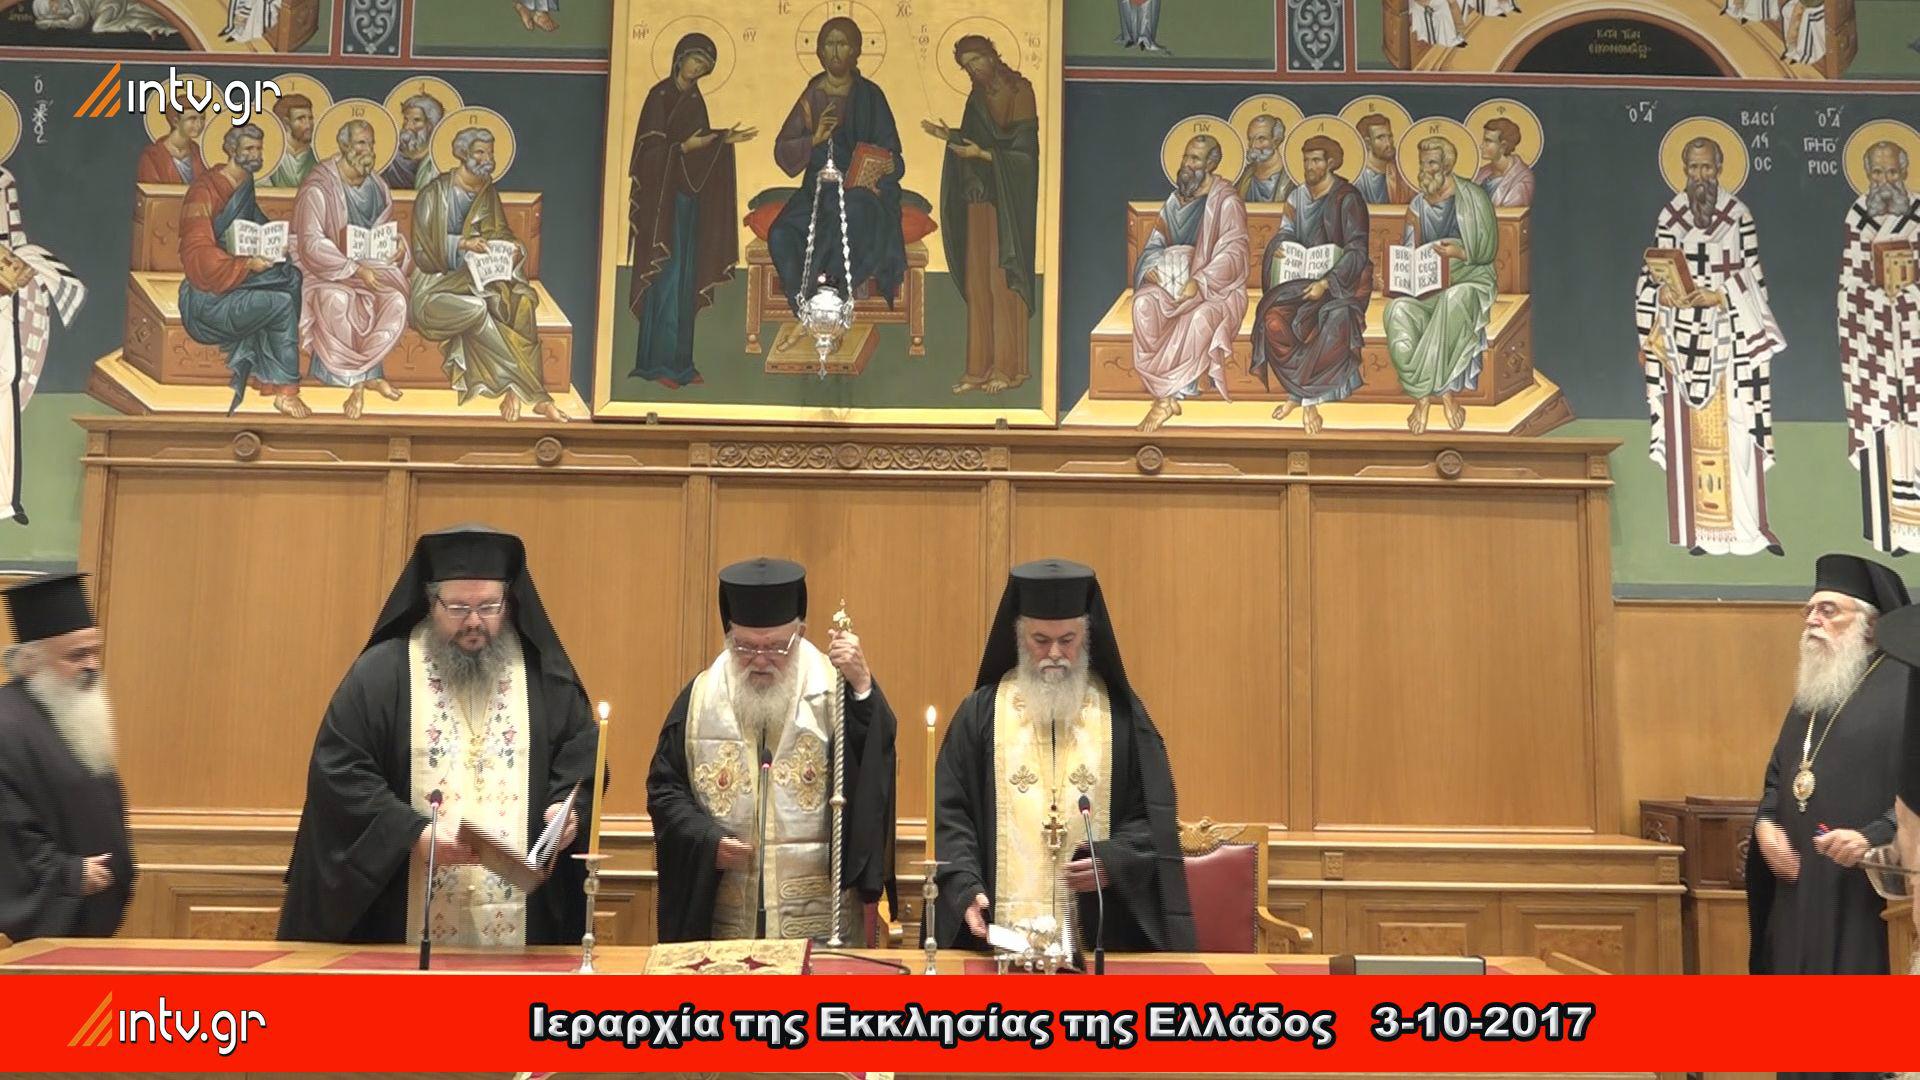 Ιεραρχία της Εκκλησίας της Ελλάδος 3-10-2017